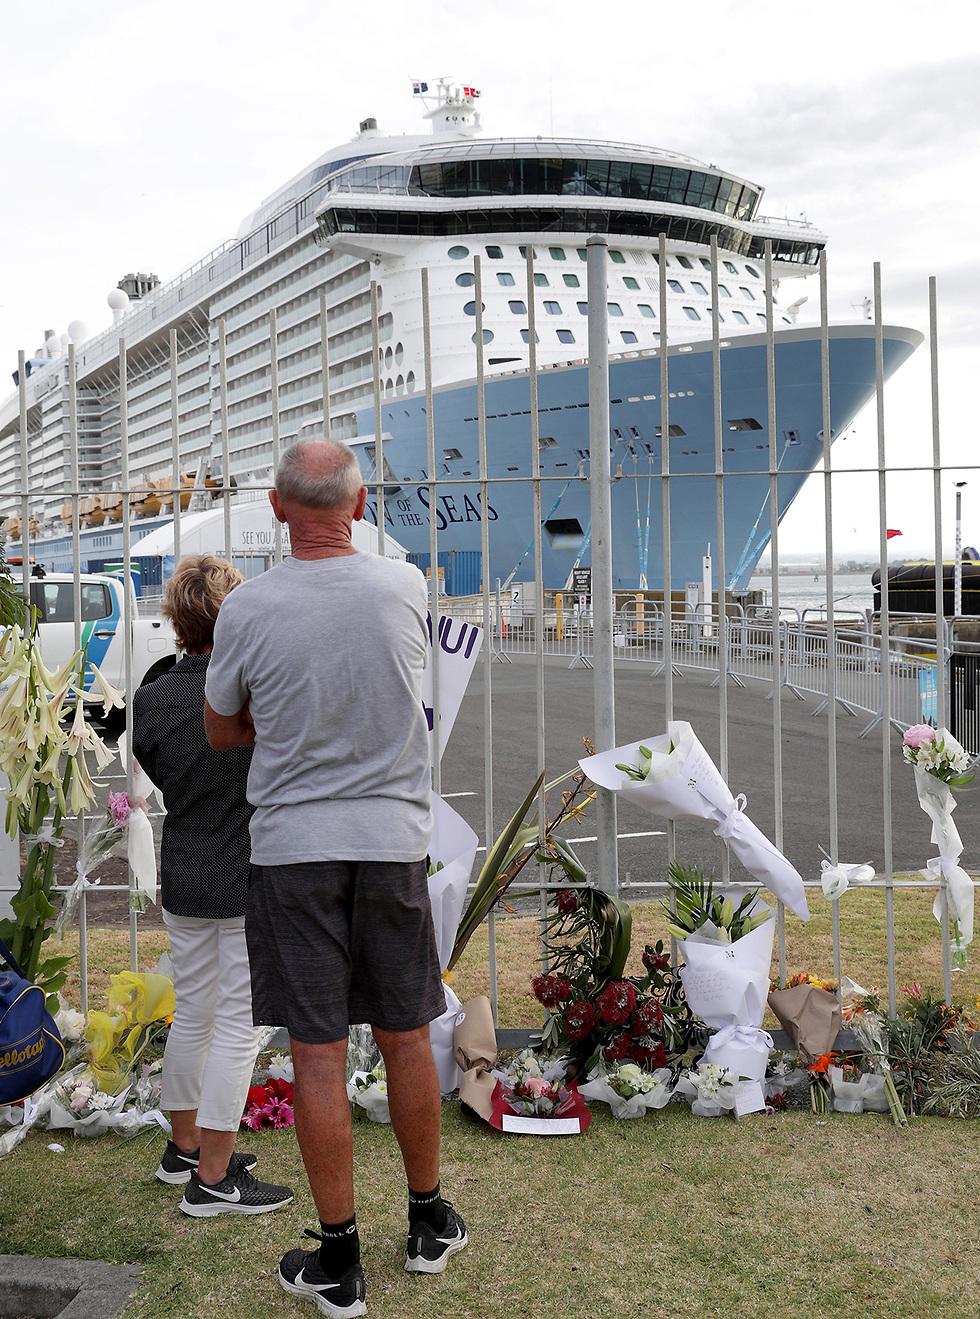 ספינת התענוגות  The Ovation of the Seas דווח שרבים מהקורבנות ב התפרצות הר געש האי הלבן היו נוסעיה (צילום: EPA)